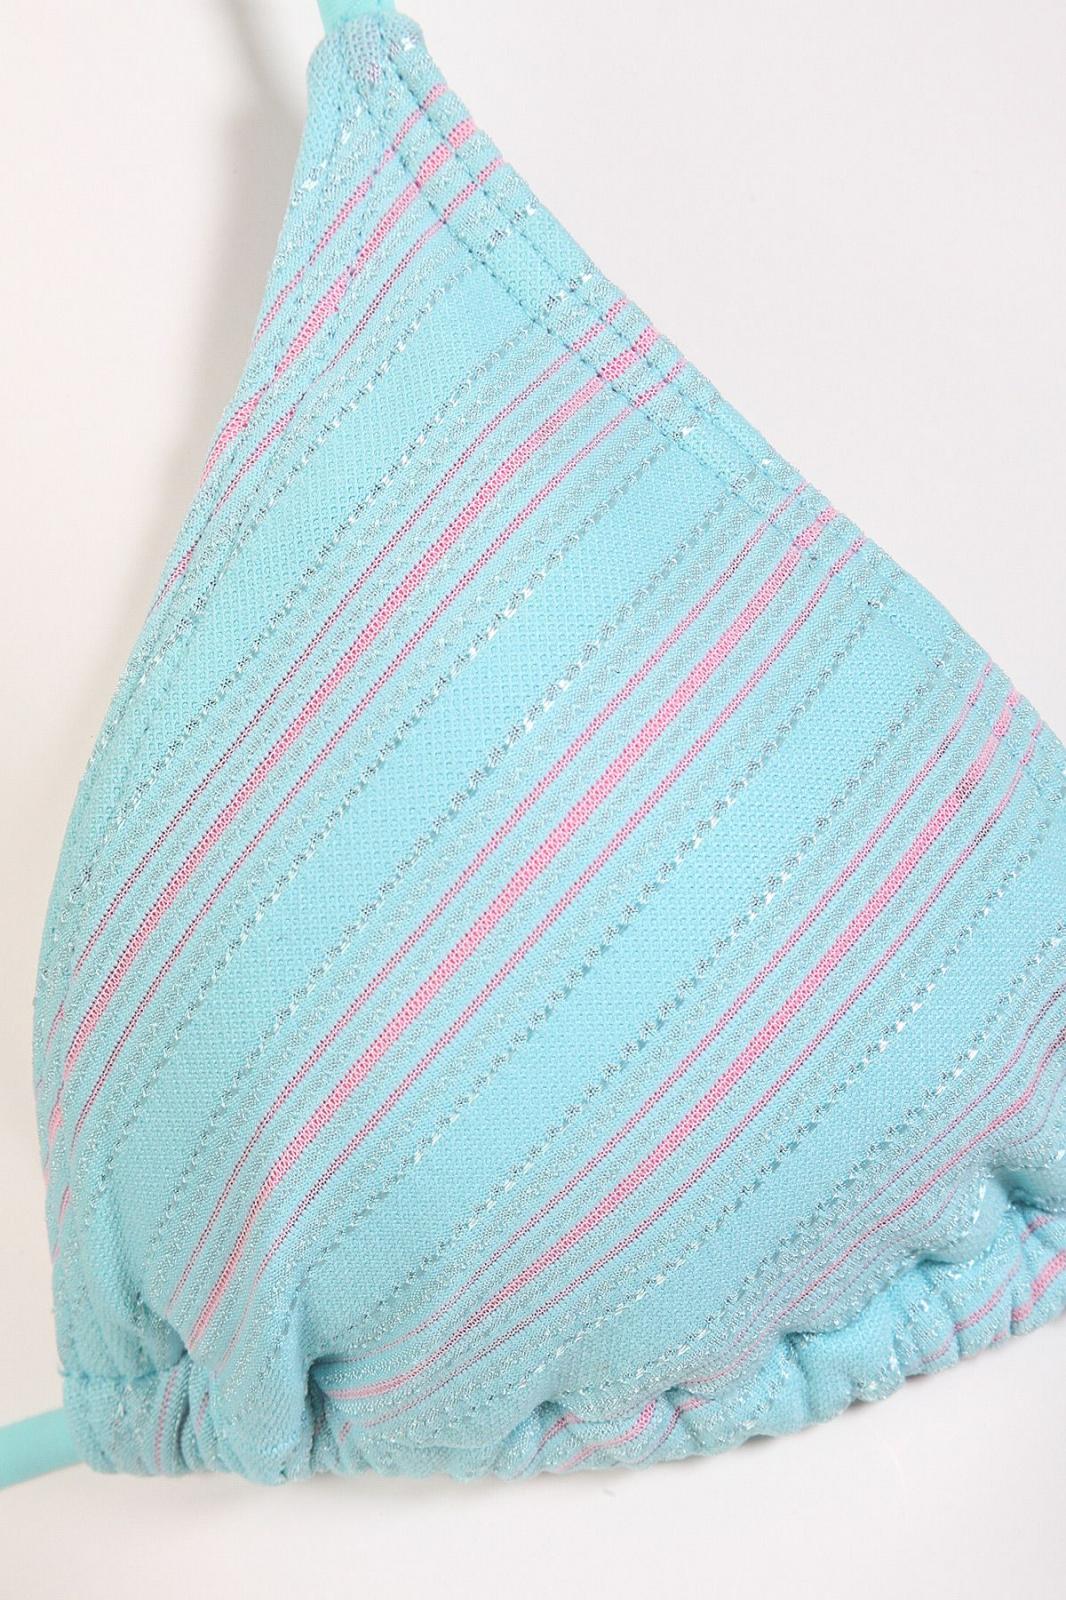 Купальник с вышивкой - лиф